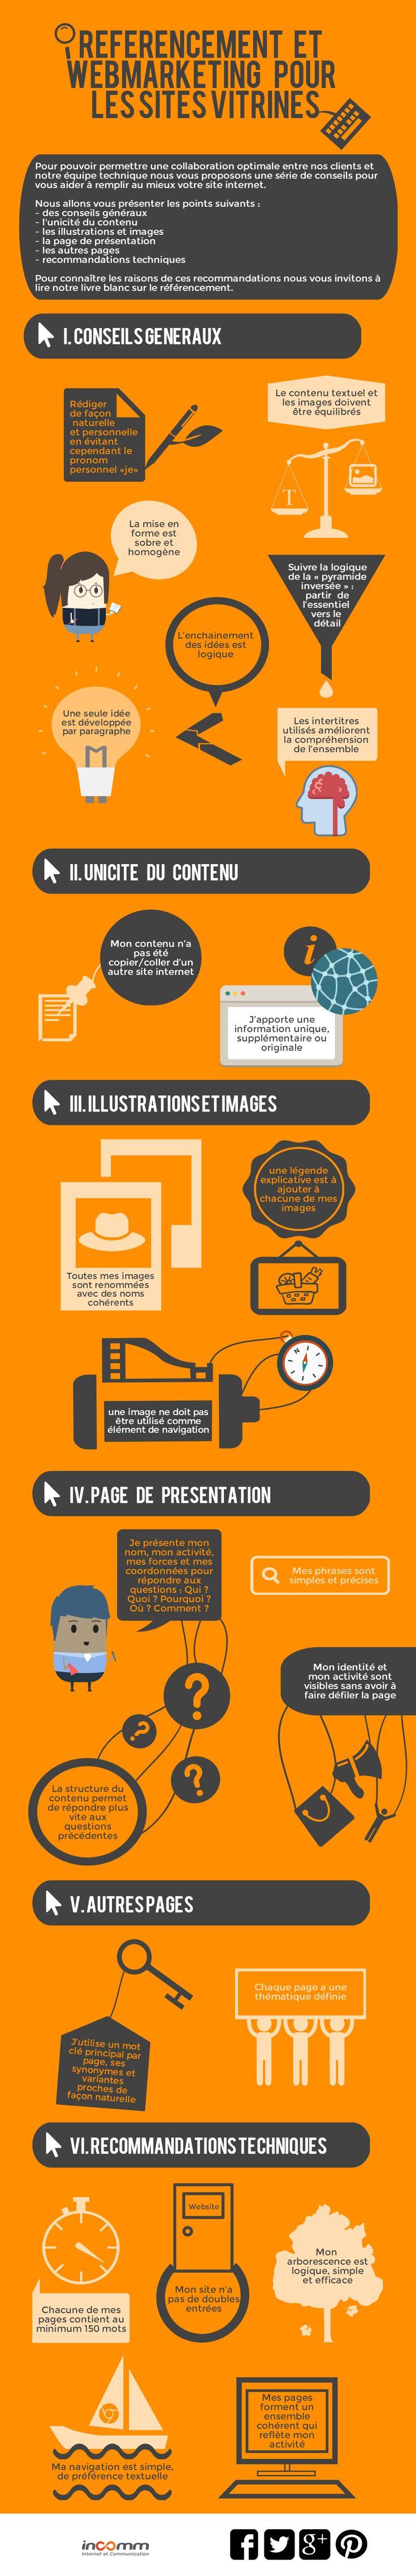 Une infographie pour vous aider avec le contenu de votre site vitrine.